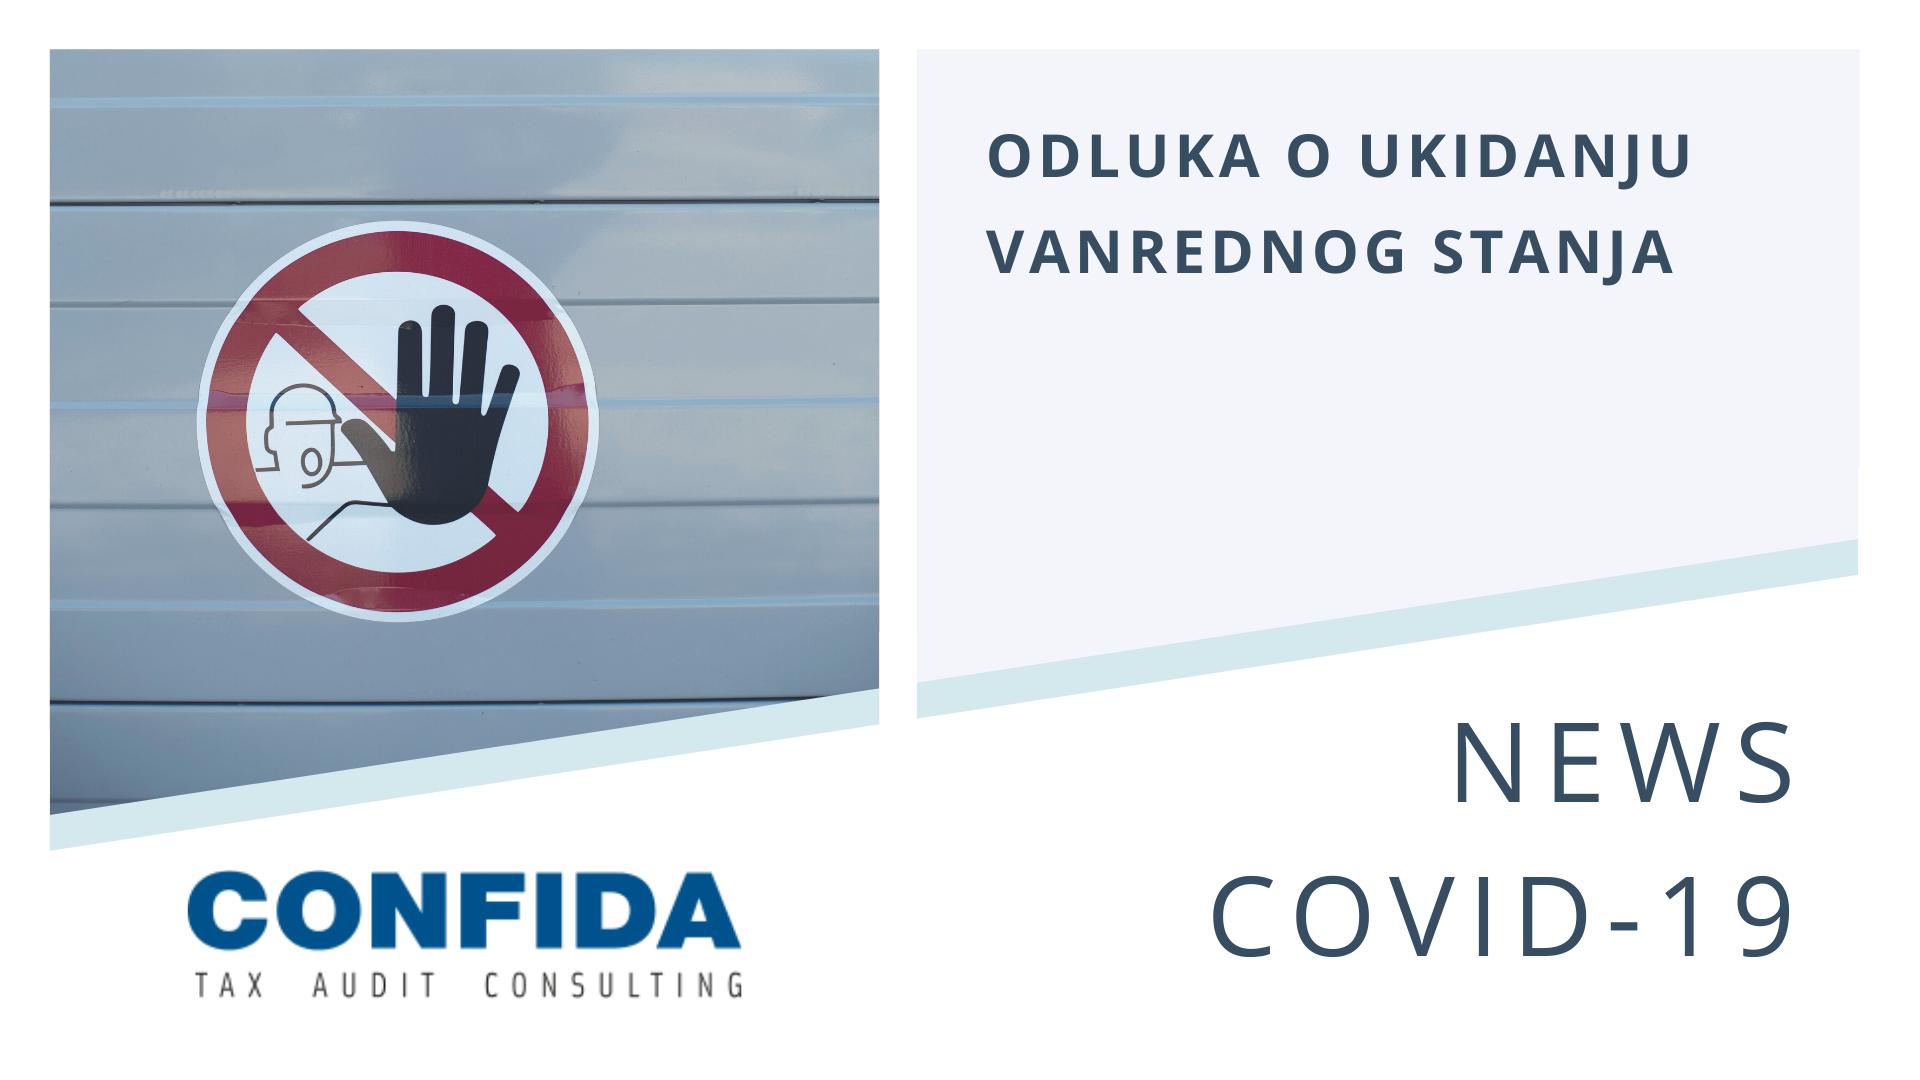 Odluka o ukidanju vanrednog stanja usled COVID-19